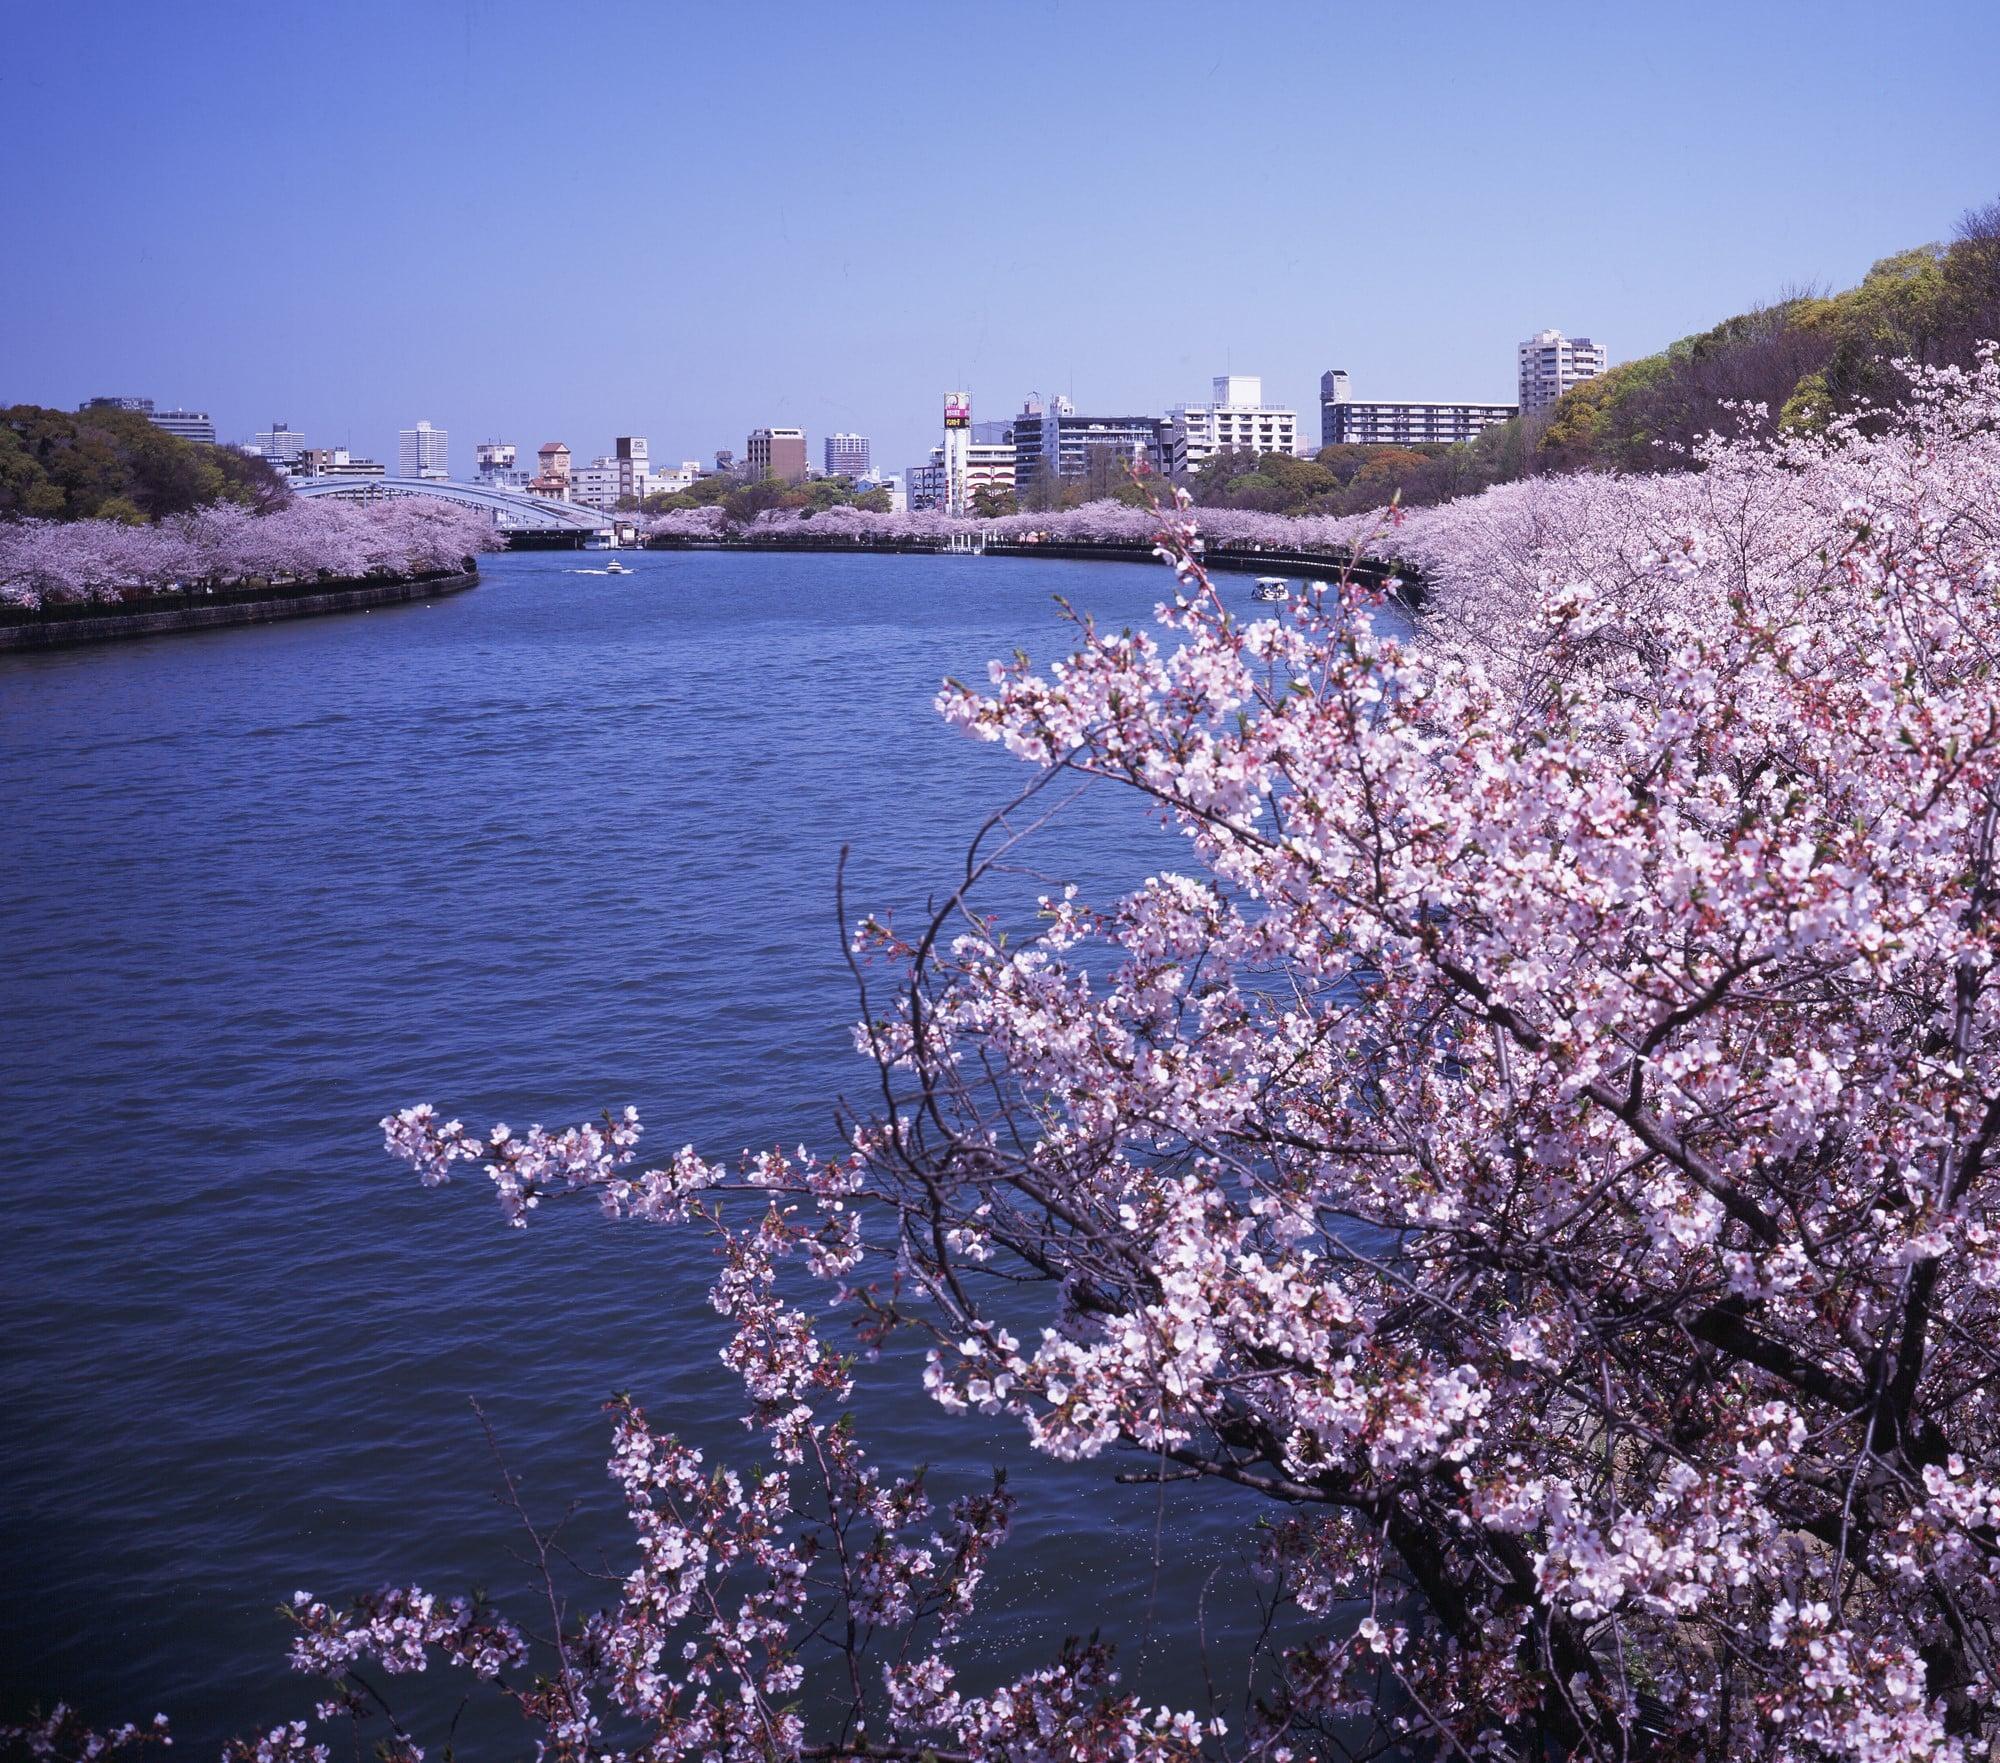 平成の通り抜けを目指し、2004年から募金活動がスタート。安藤の呼びかけに市民らから多くの募金が寄せられ、植樹された桜。Photography by © TADAO ANDO ARCHITECT & ASSOCIATES